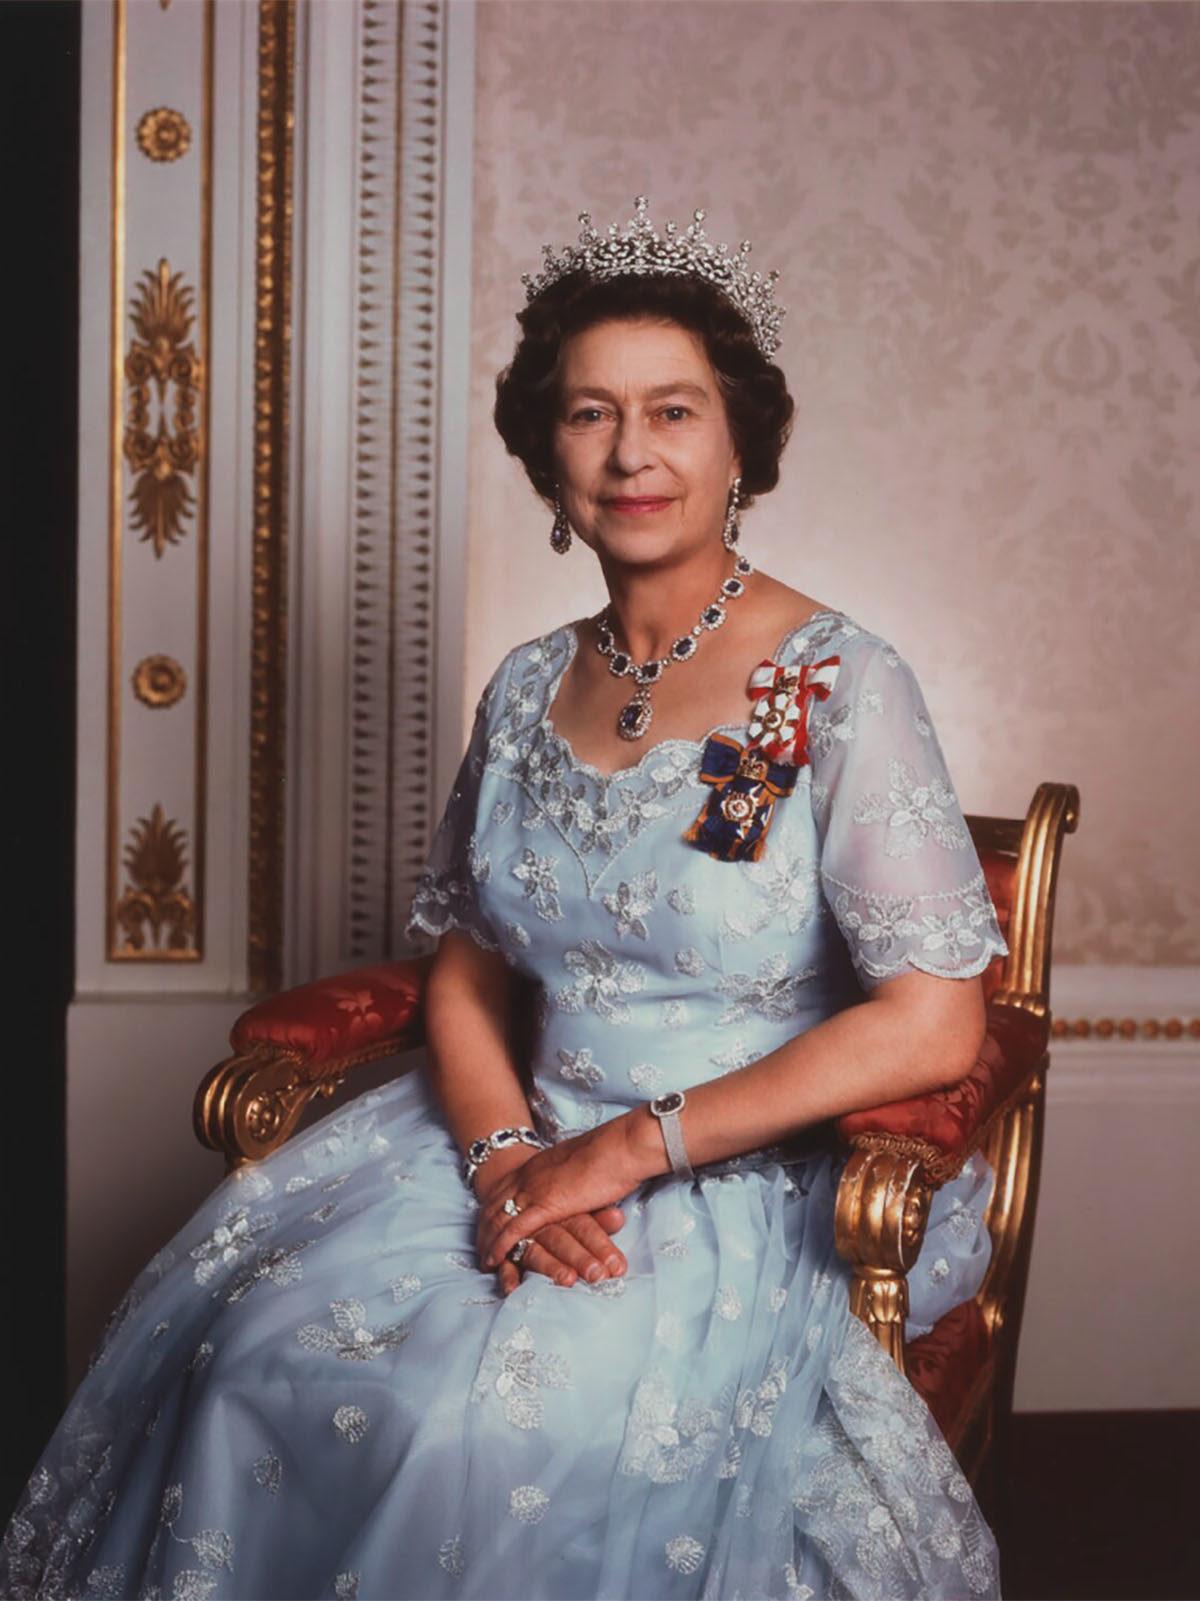 HRH Elizabeth II | Queen elizabeth tiaras, Queen and